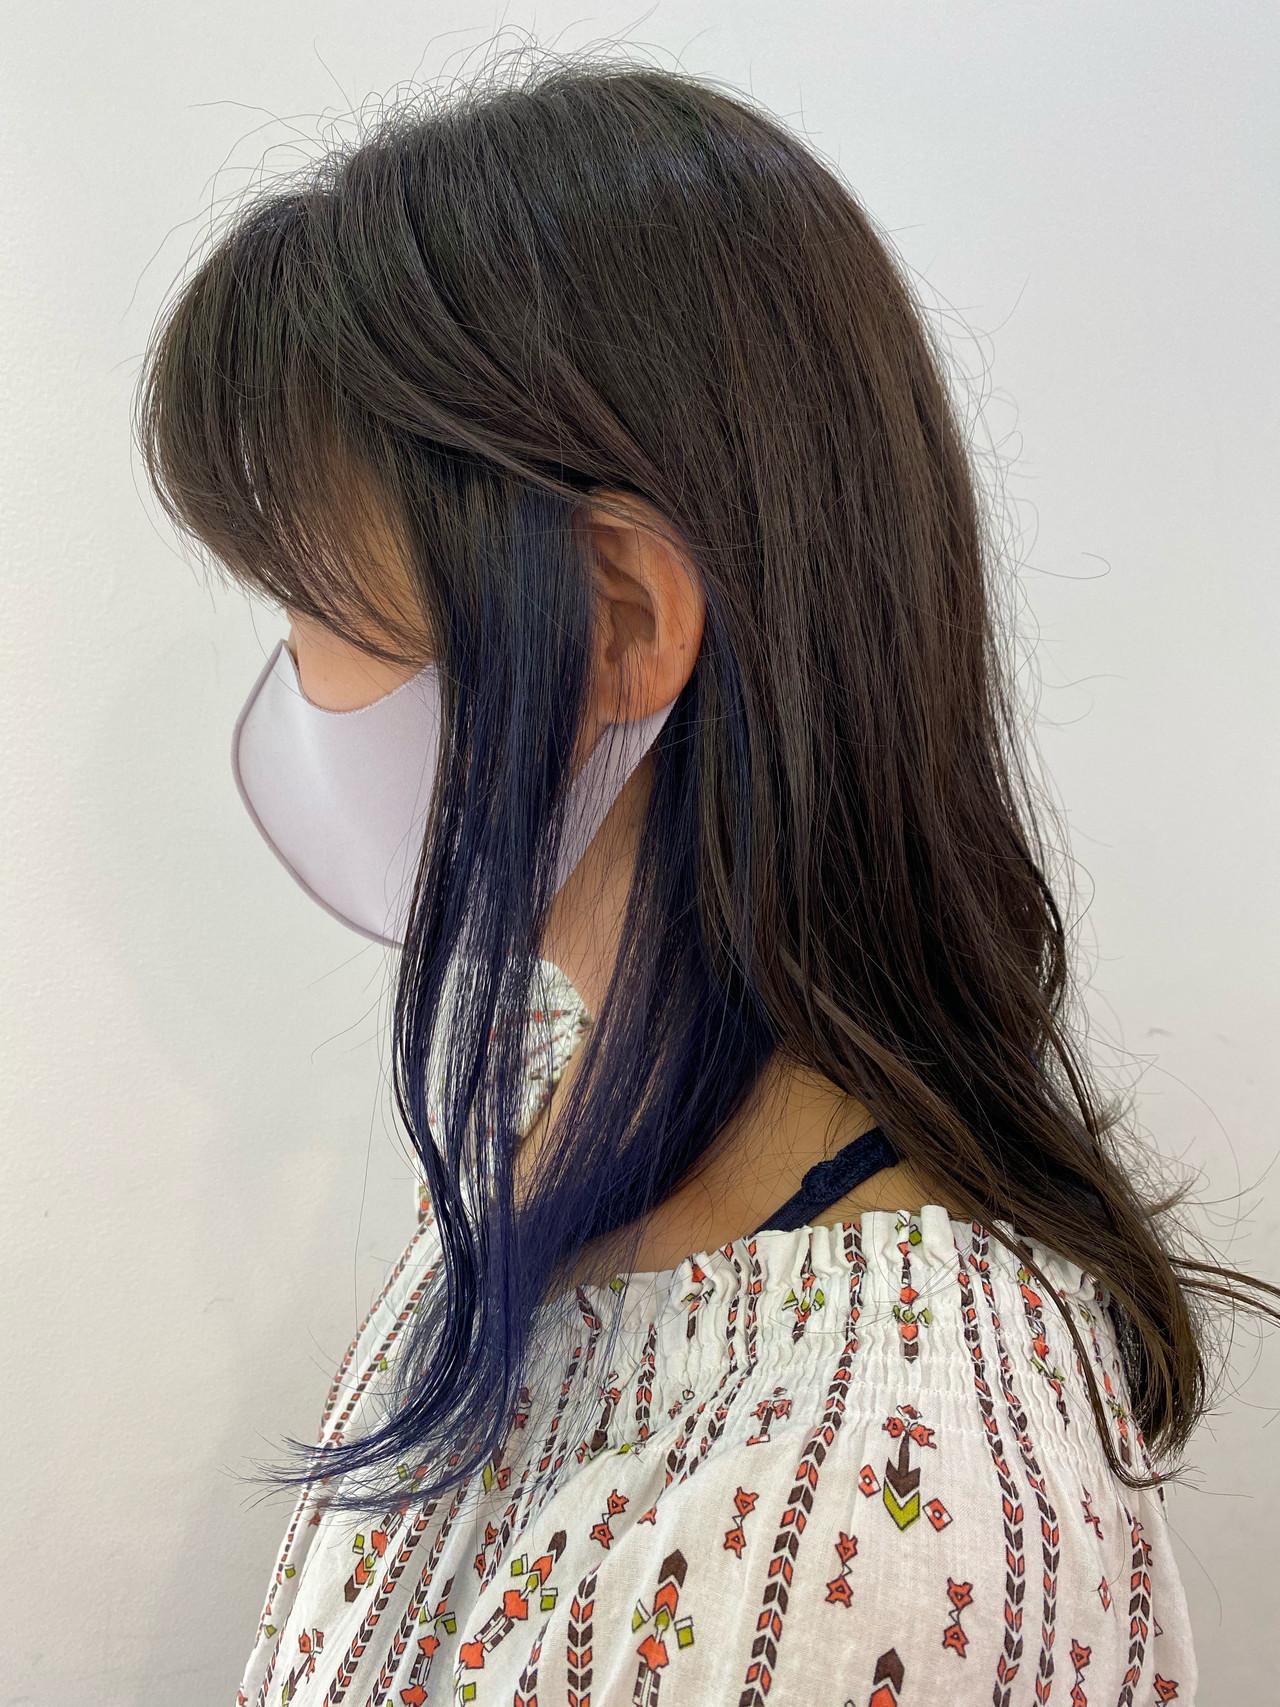 ナチュラル ミルクティーグレージュ インナーカラー ミディアム ヘアスタイルや髪型の写真・画像